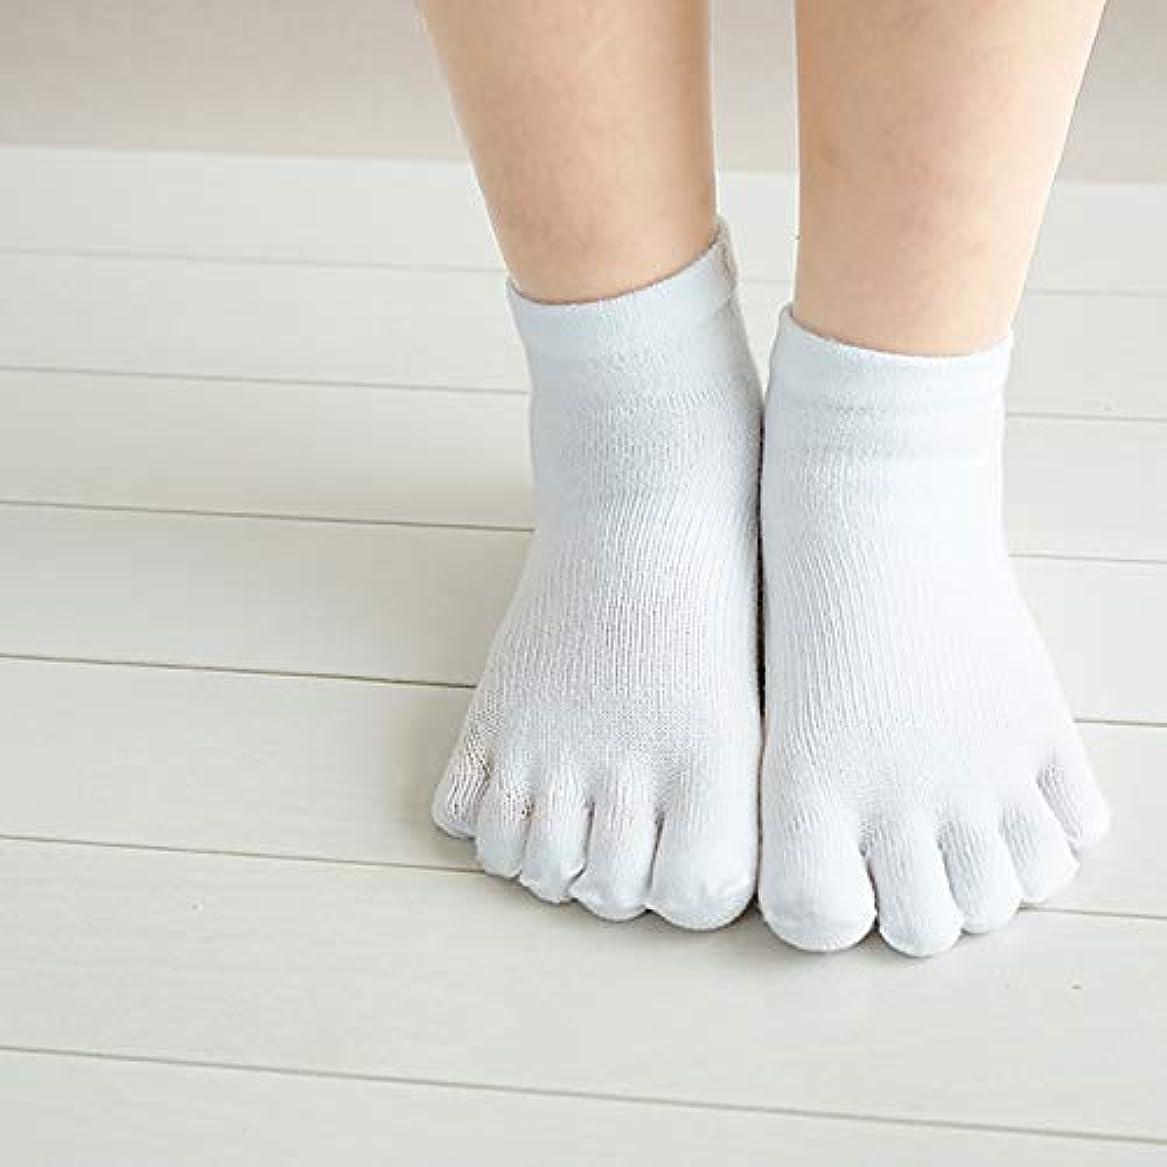 マルクス主義期待する休憩するゆびのばソックス Neo アズキッズ ホワイト 幼児用靴下 5本指ソックス